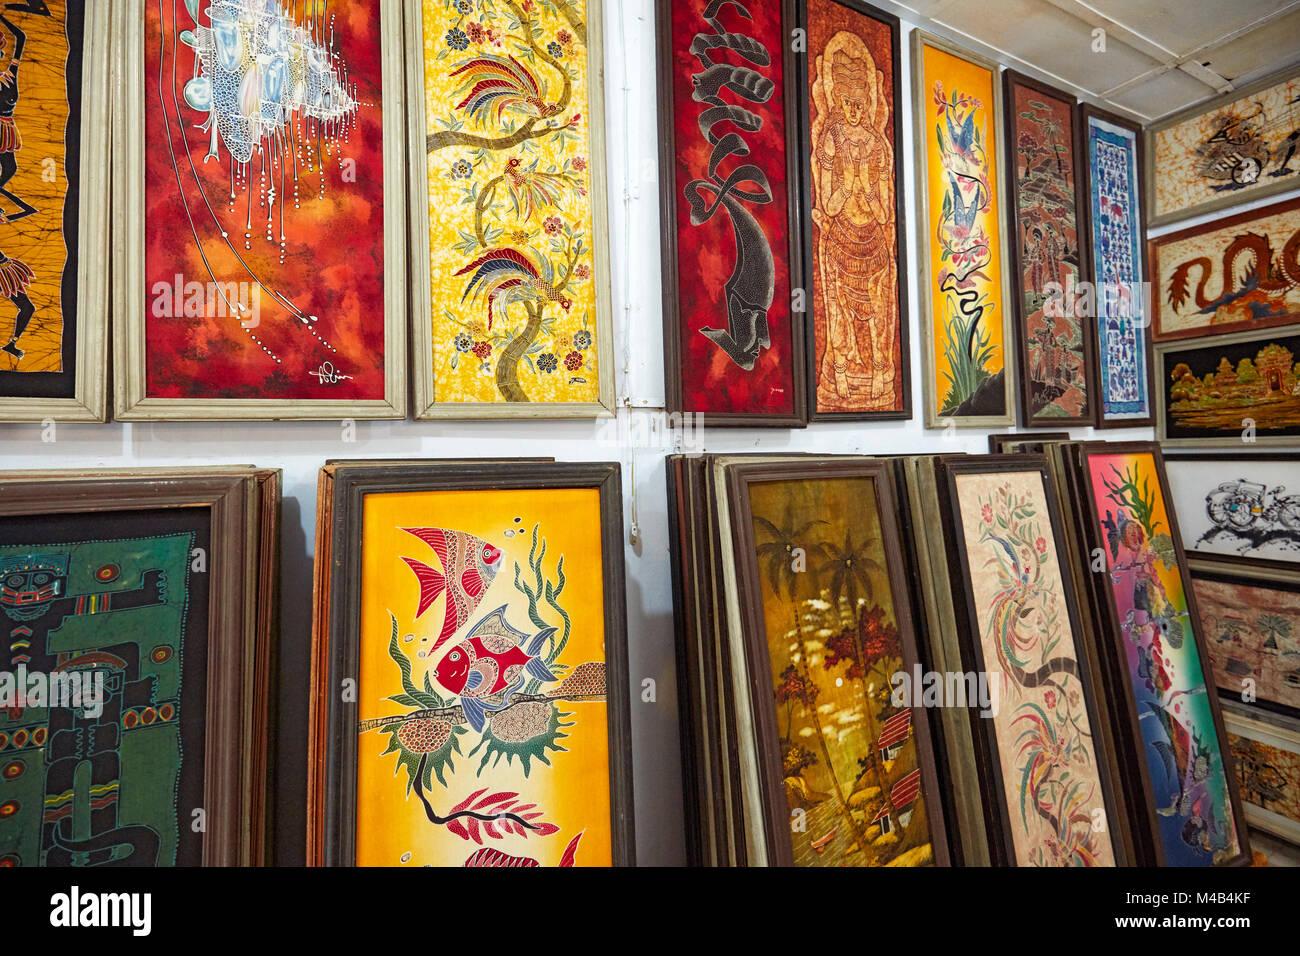 Selección de pinturas batik enmarcadas en venta en batik Seno shop. Yogyakarta, Java, Indonesia. Imagen De Stock